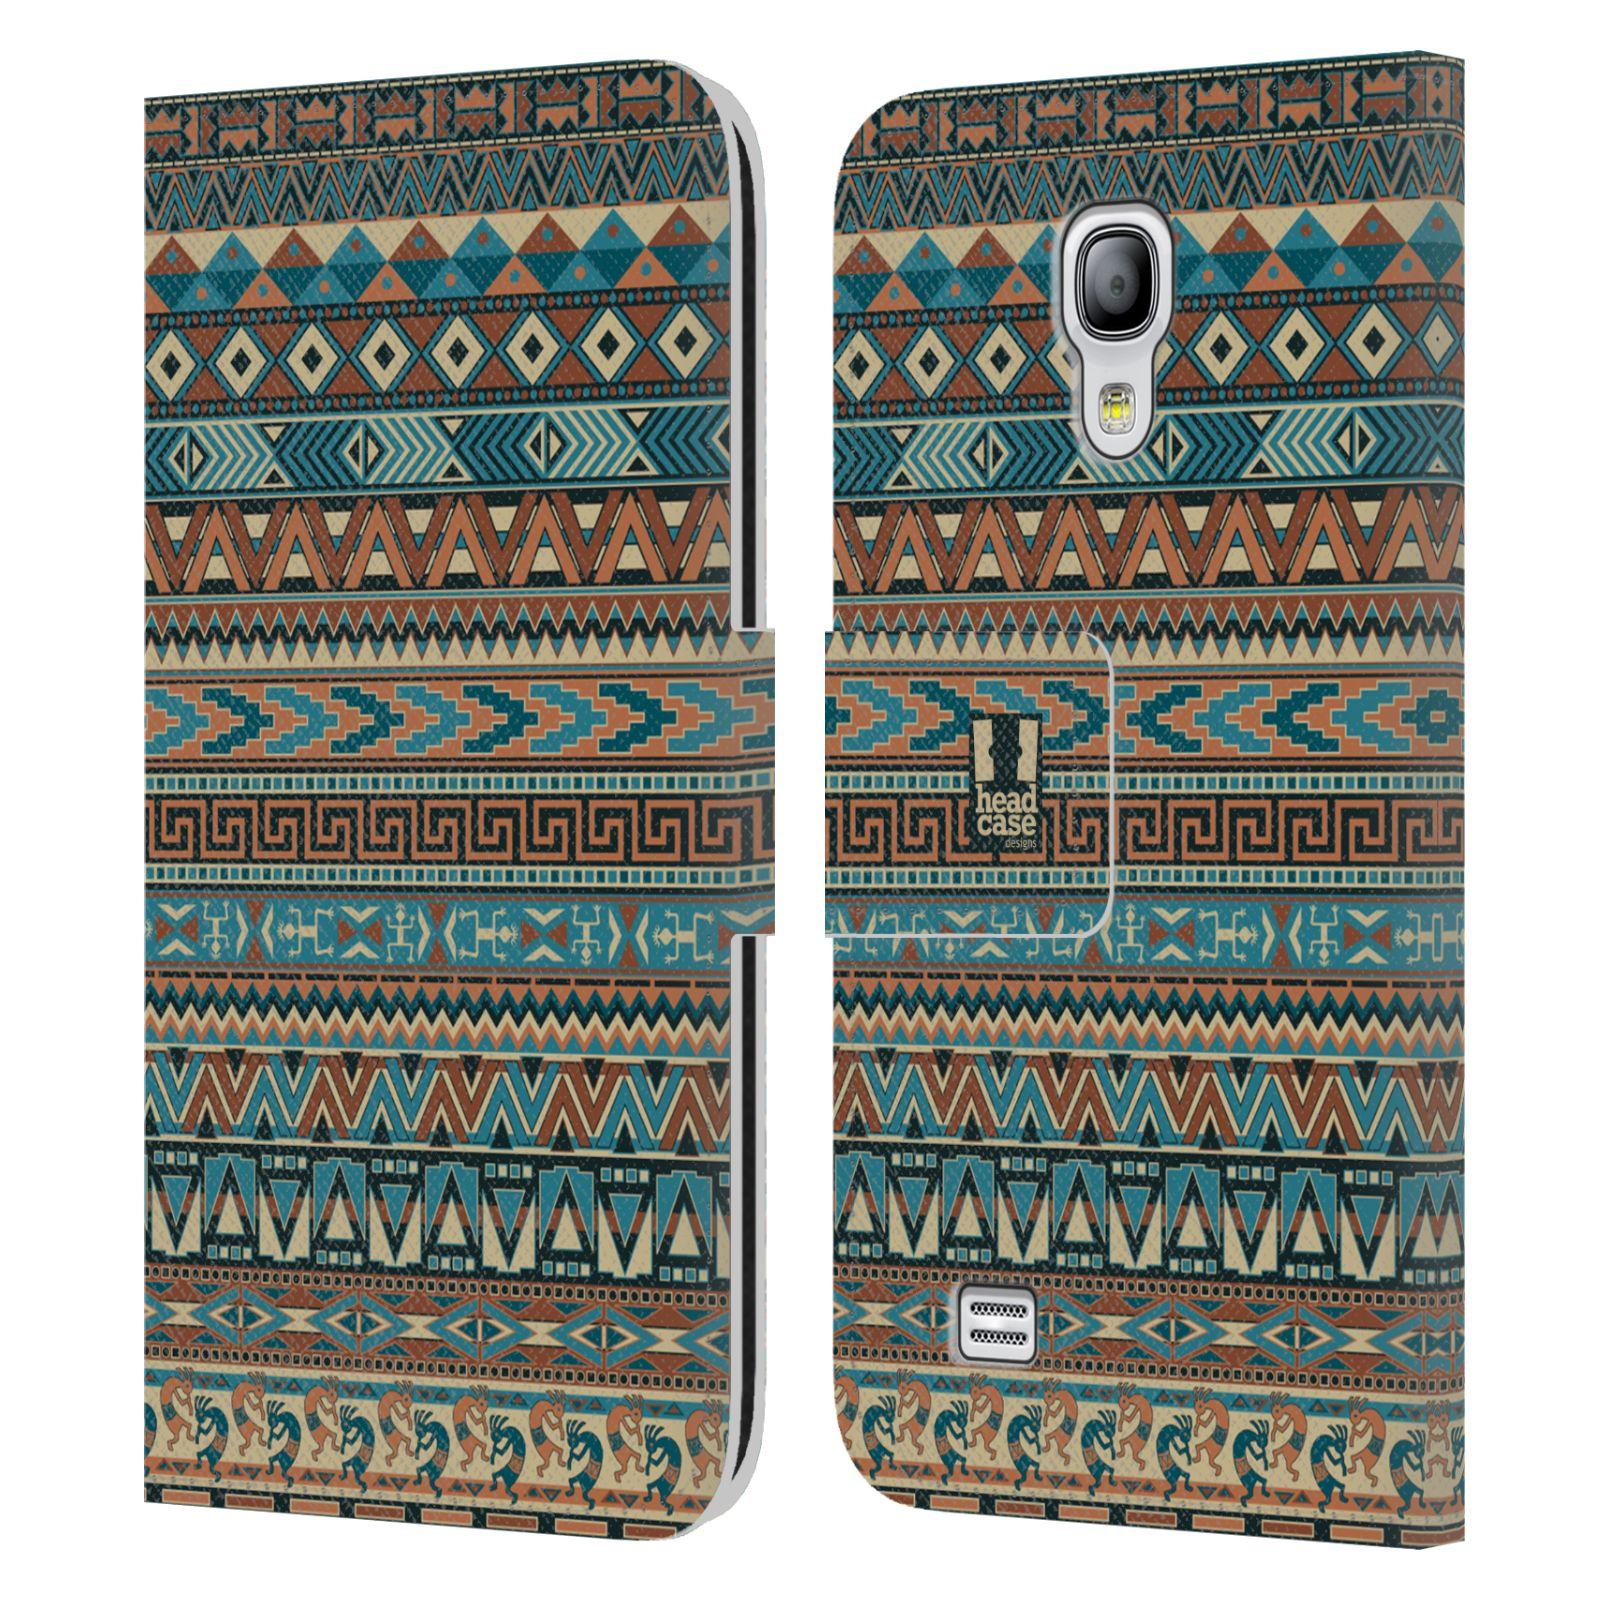 HEAD CASE Flipové pouzdro pro mobil Samsung Galaxy S4 MINI / S4 MINI DUOS Indiánský vzor BLUE modrá